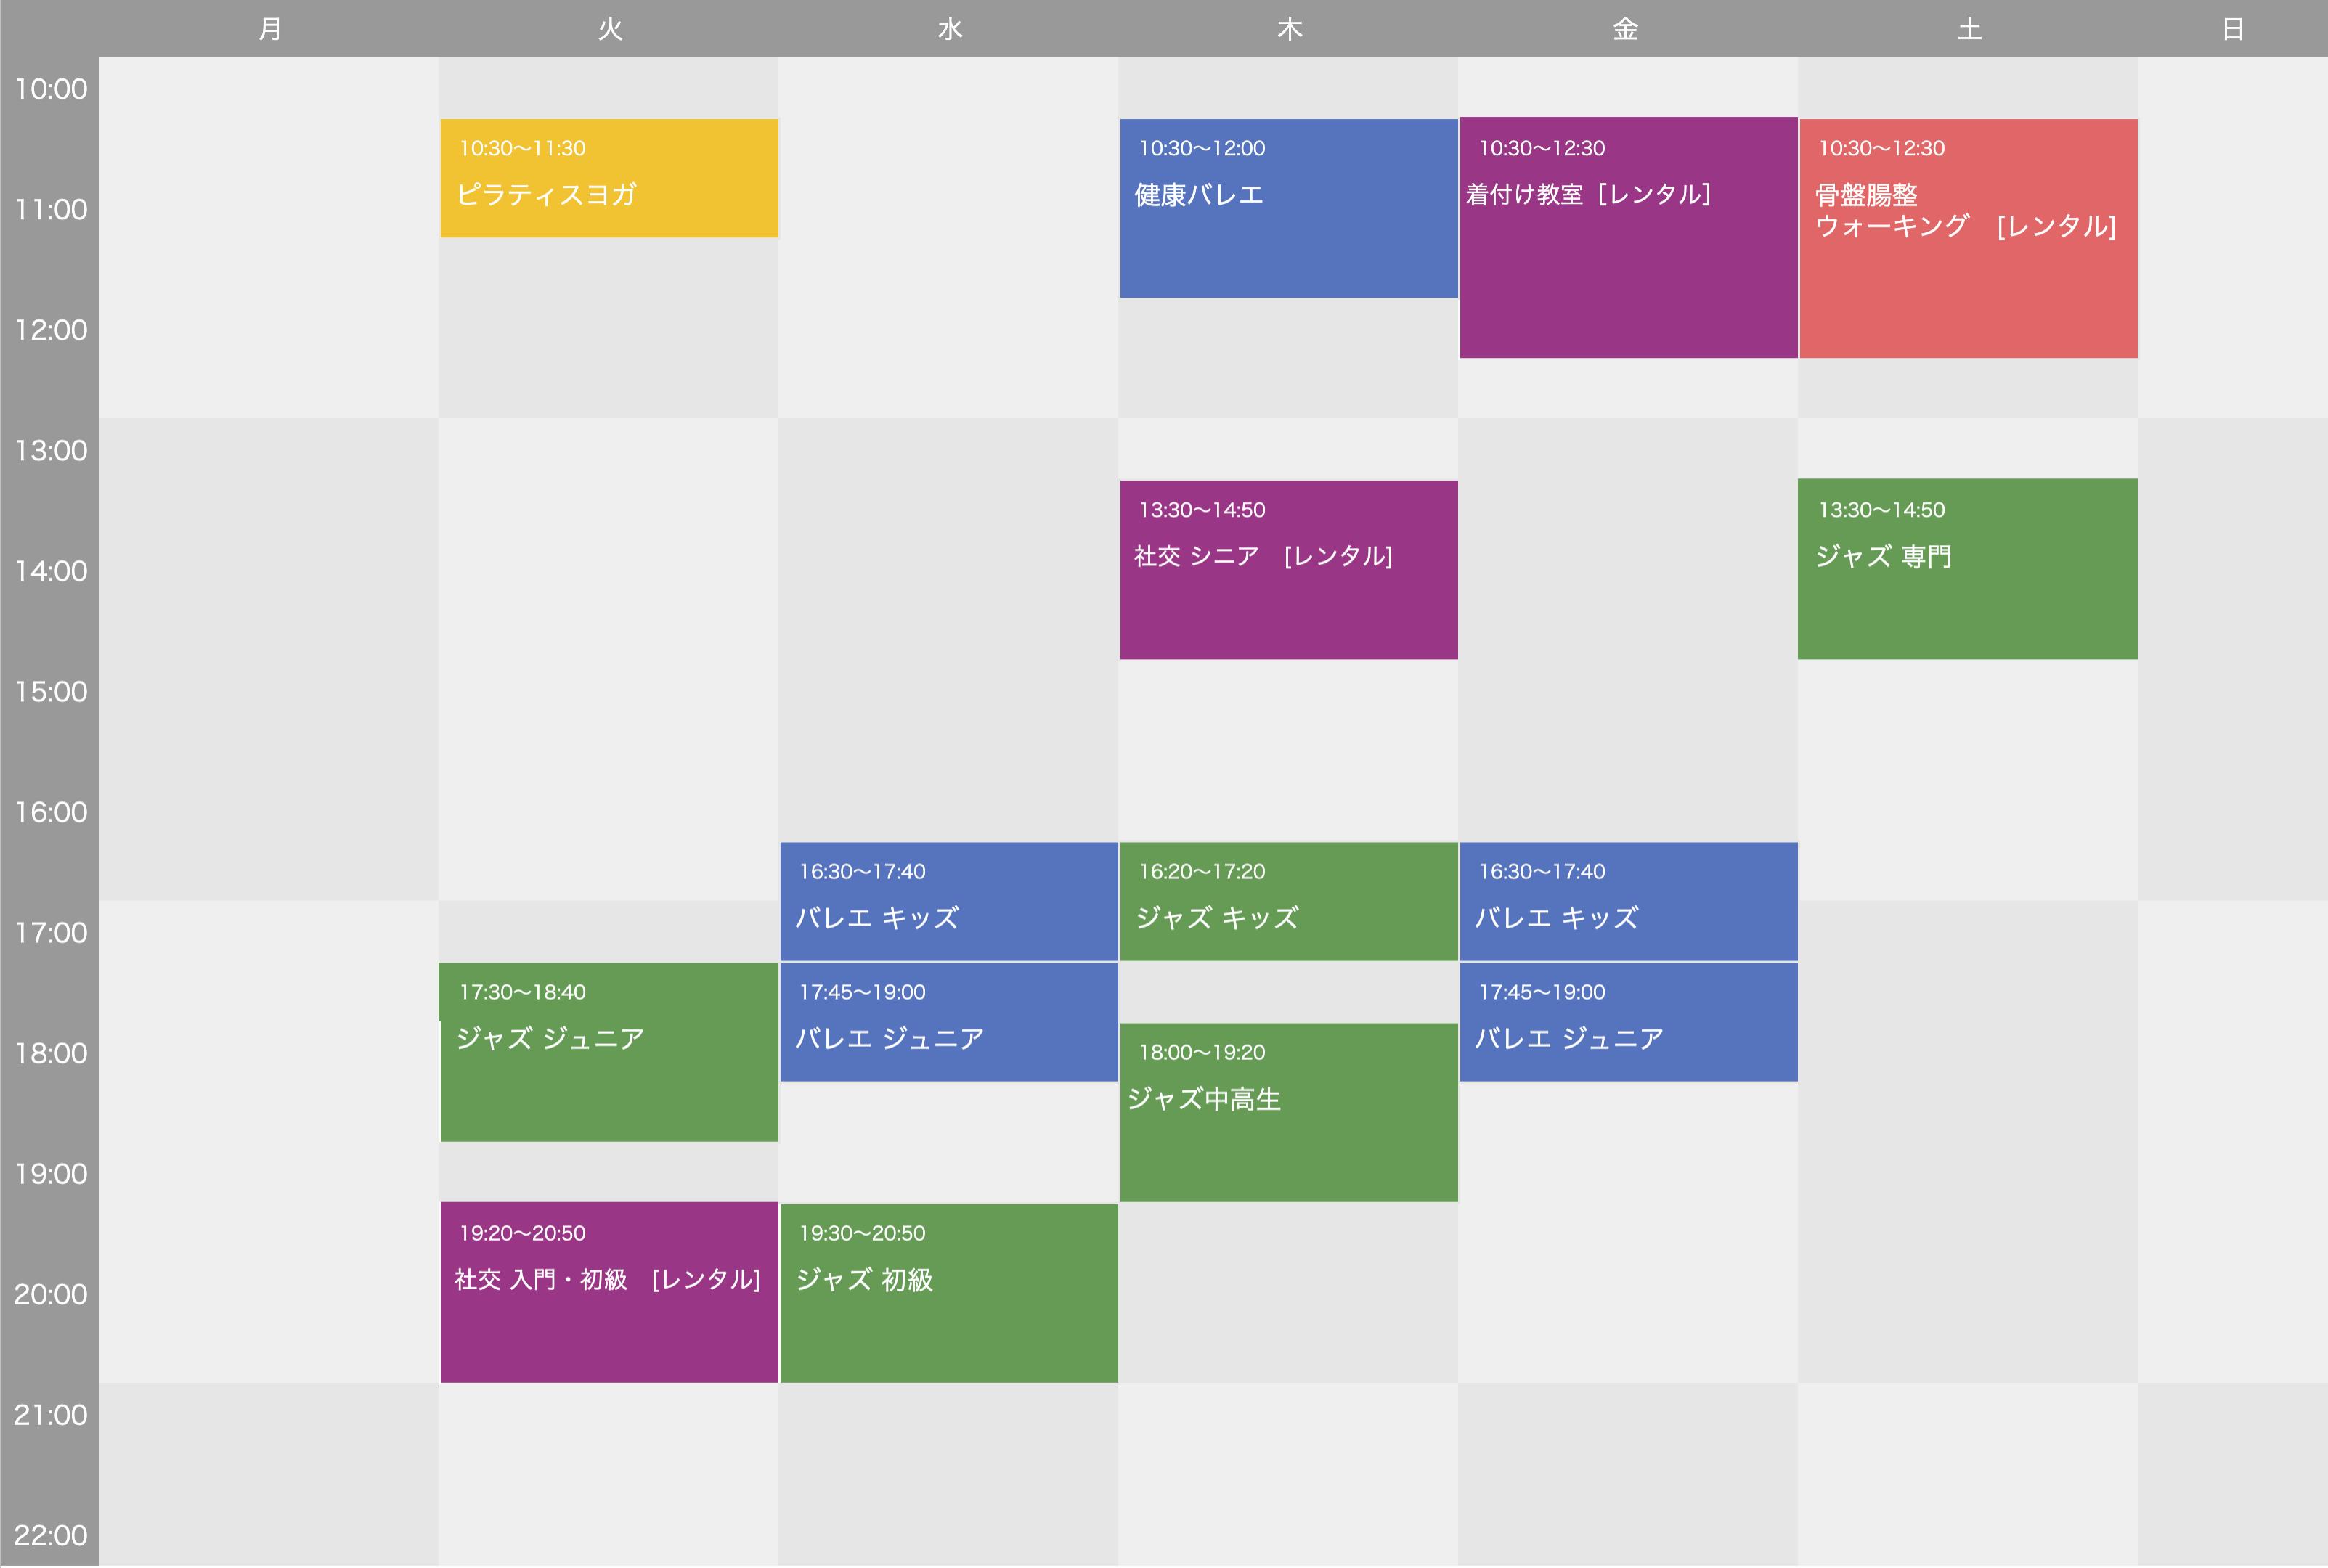 SODYダンススクール 週間スケジュール (2020年01月29日 更新)